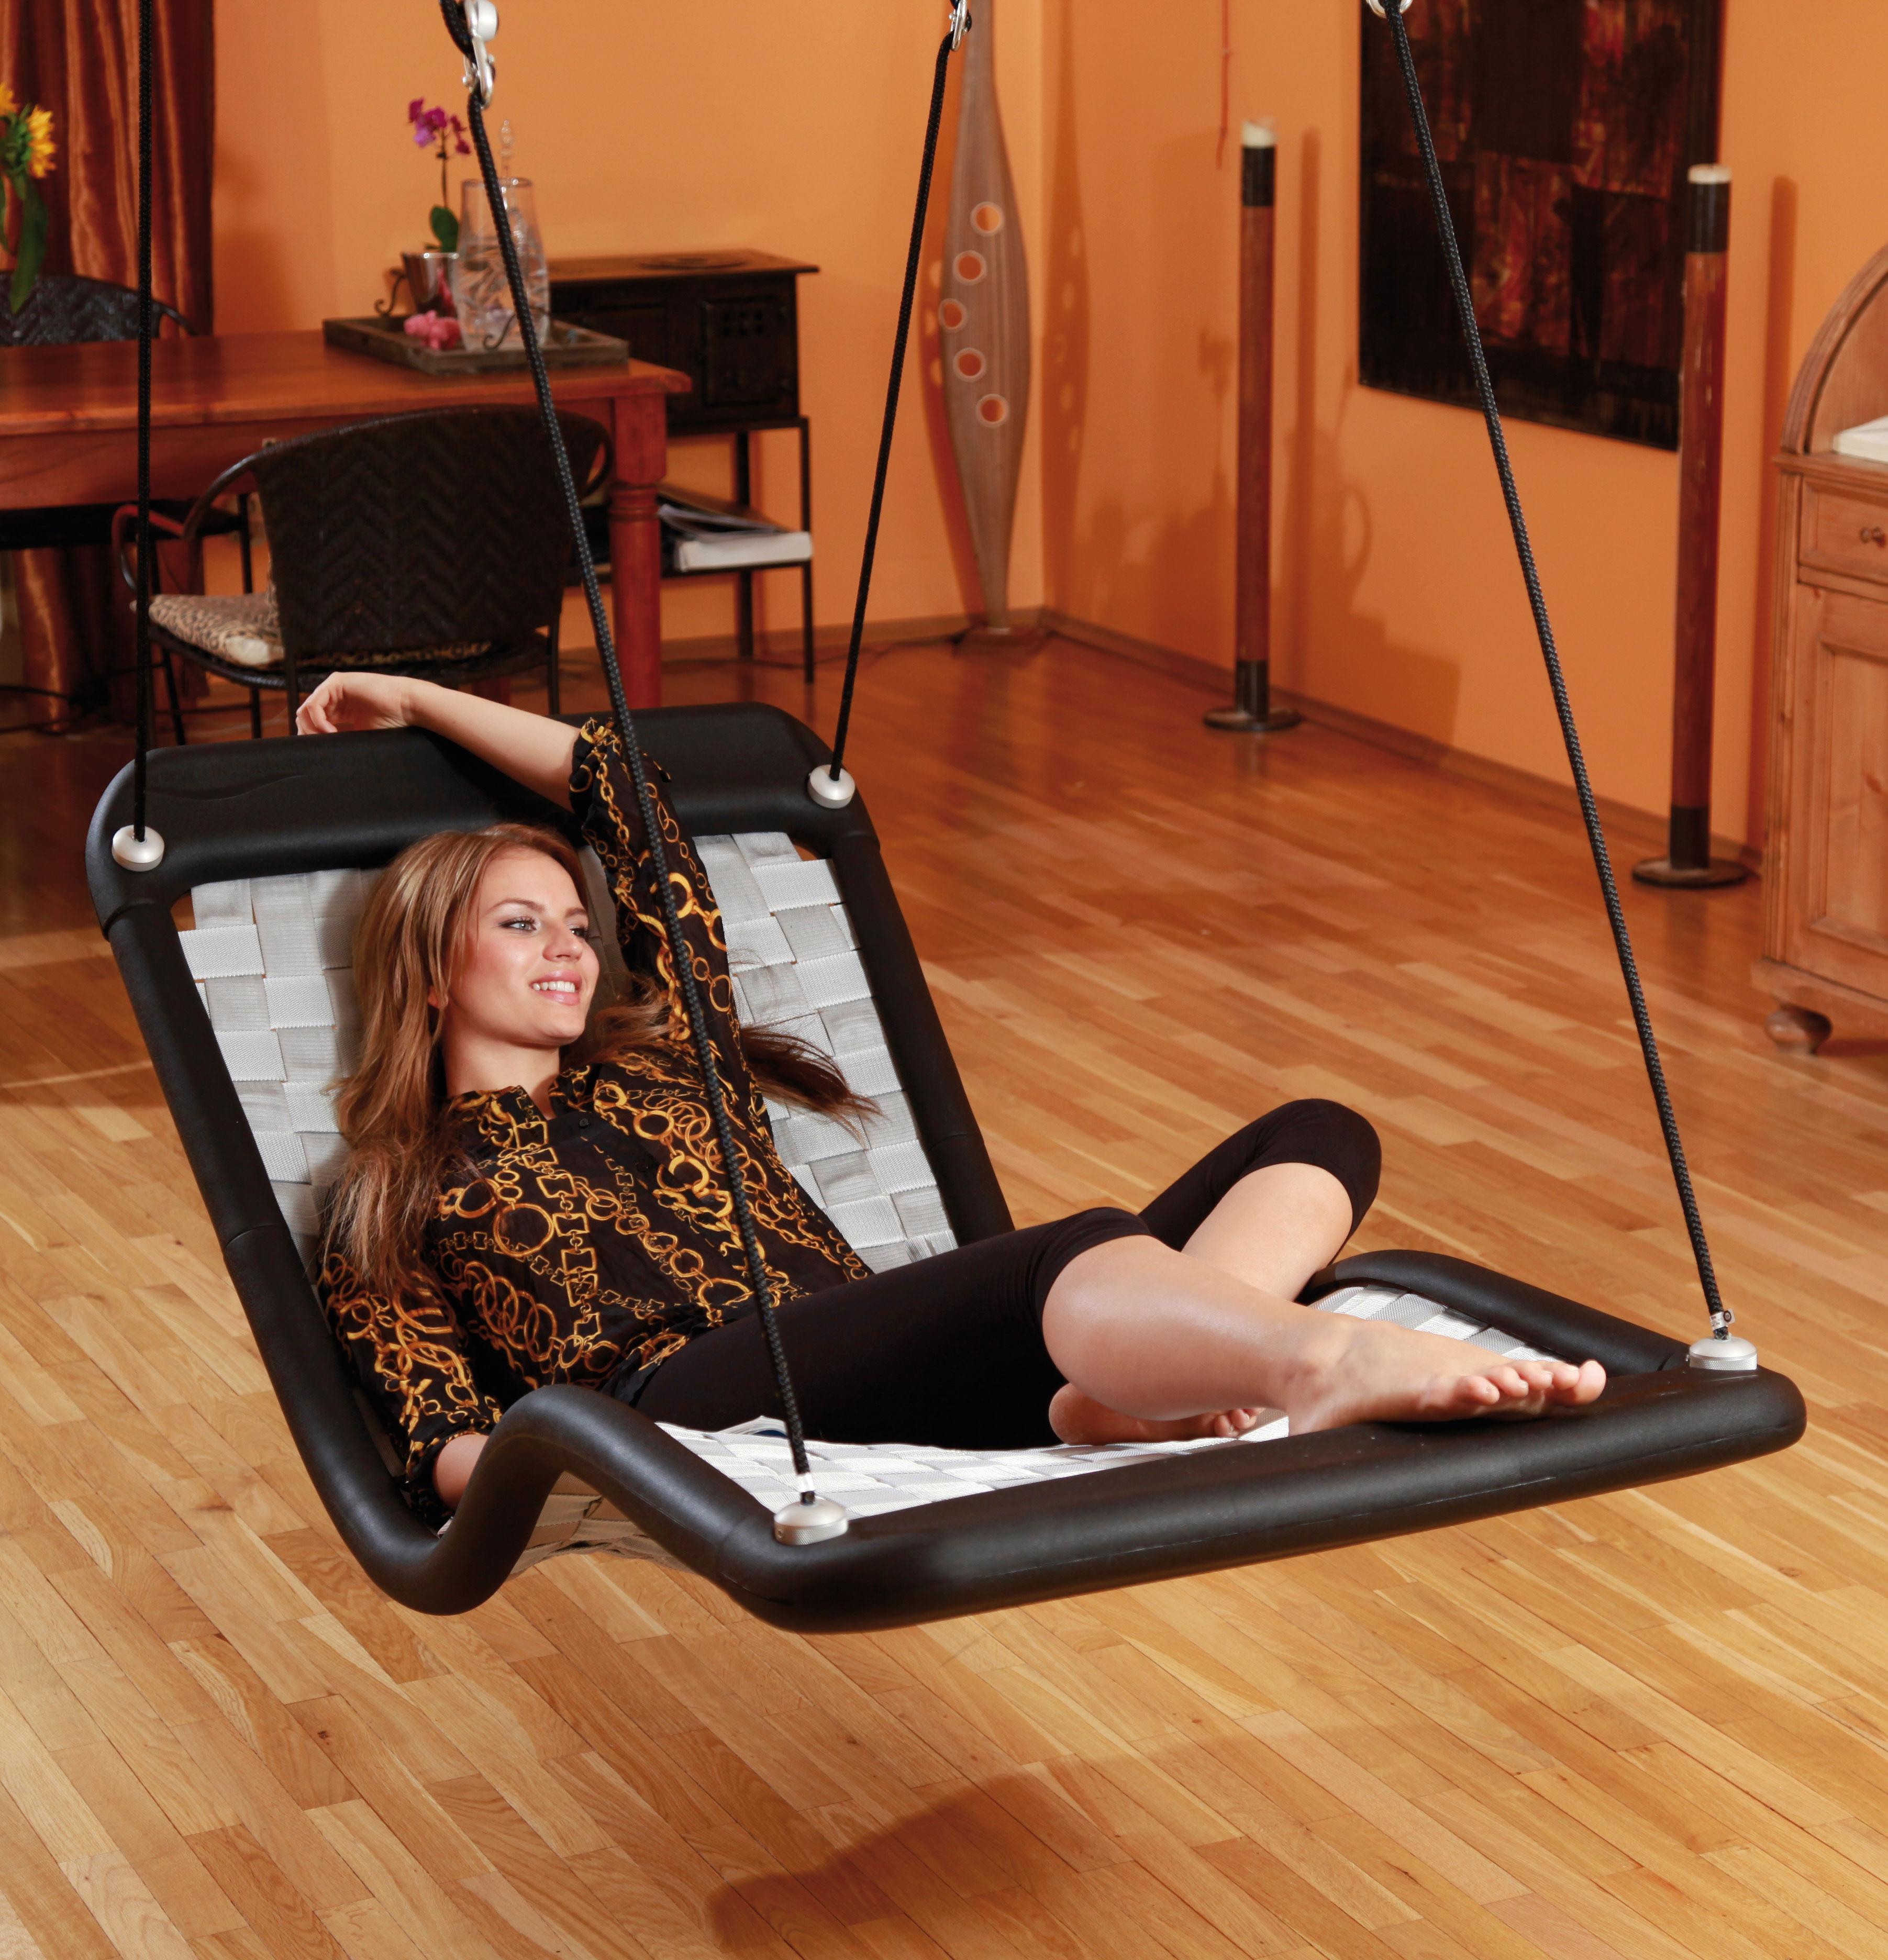 schaukel f r erwachsene dreamlinerplus xl schwarz. Black Bedroom Furniture Sets. Home Design Ideas